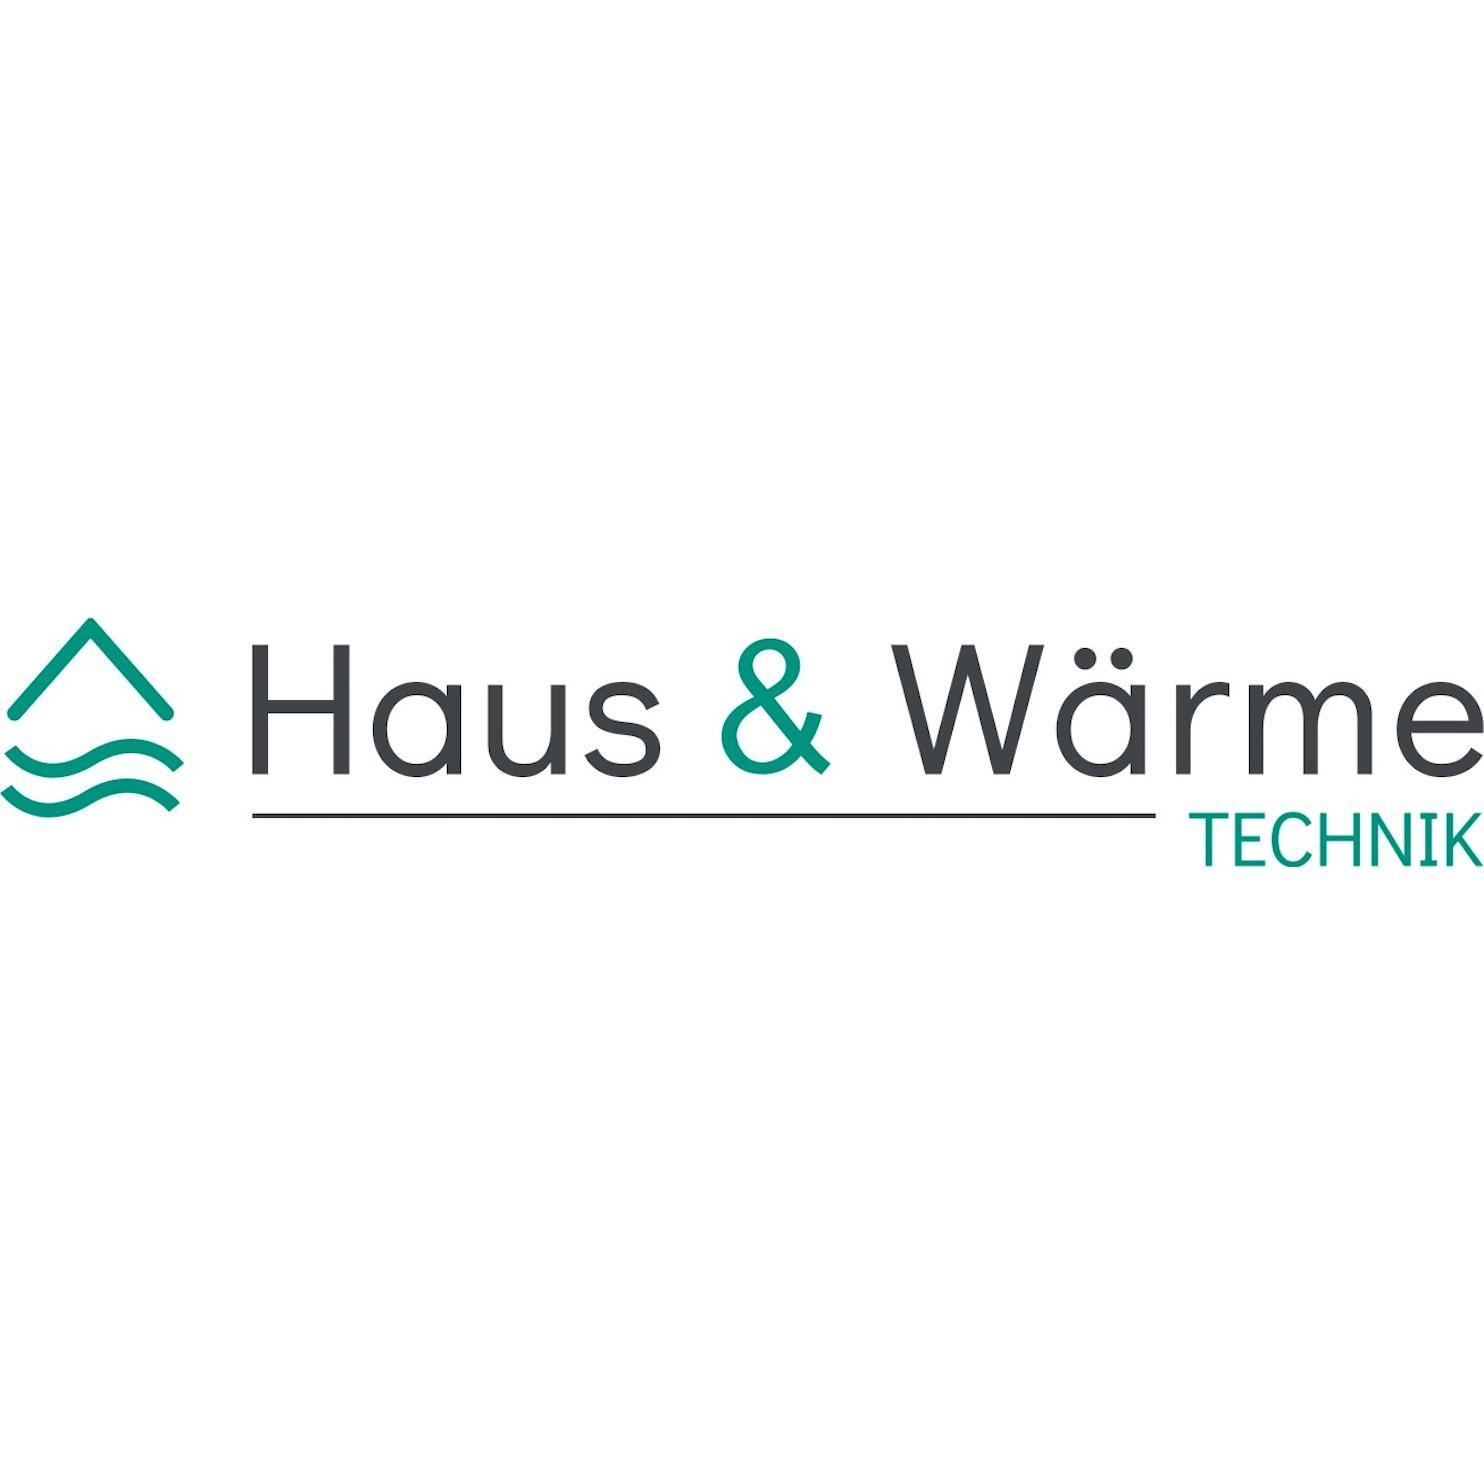 Bild zu H&W Haustechnik GmbH - Haus & Wärme in Düsseldorf